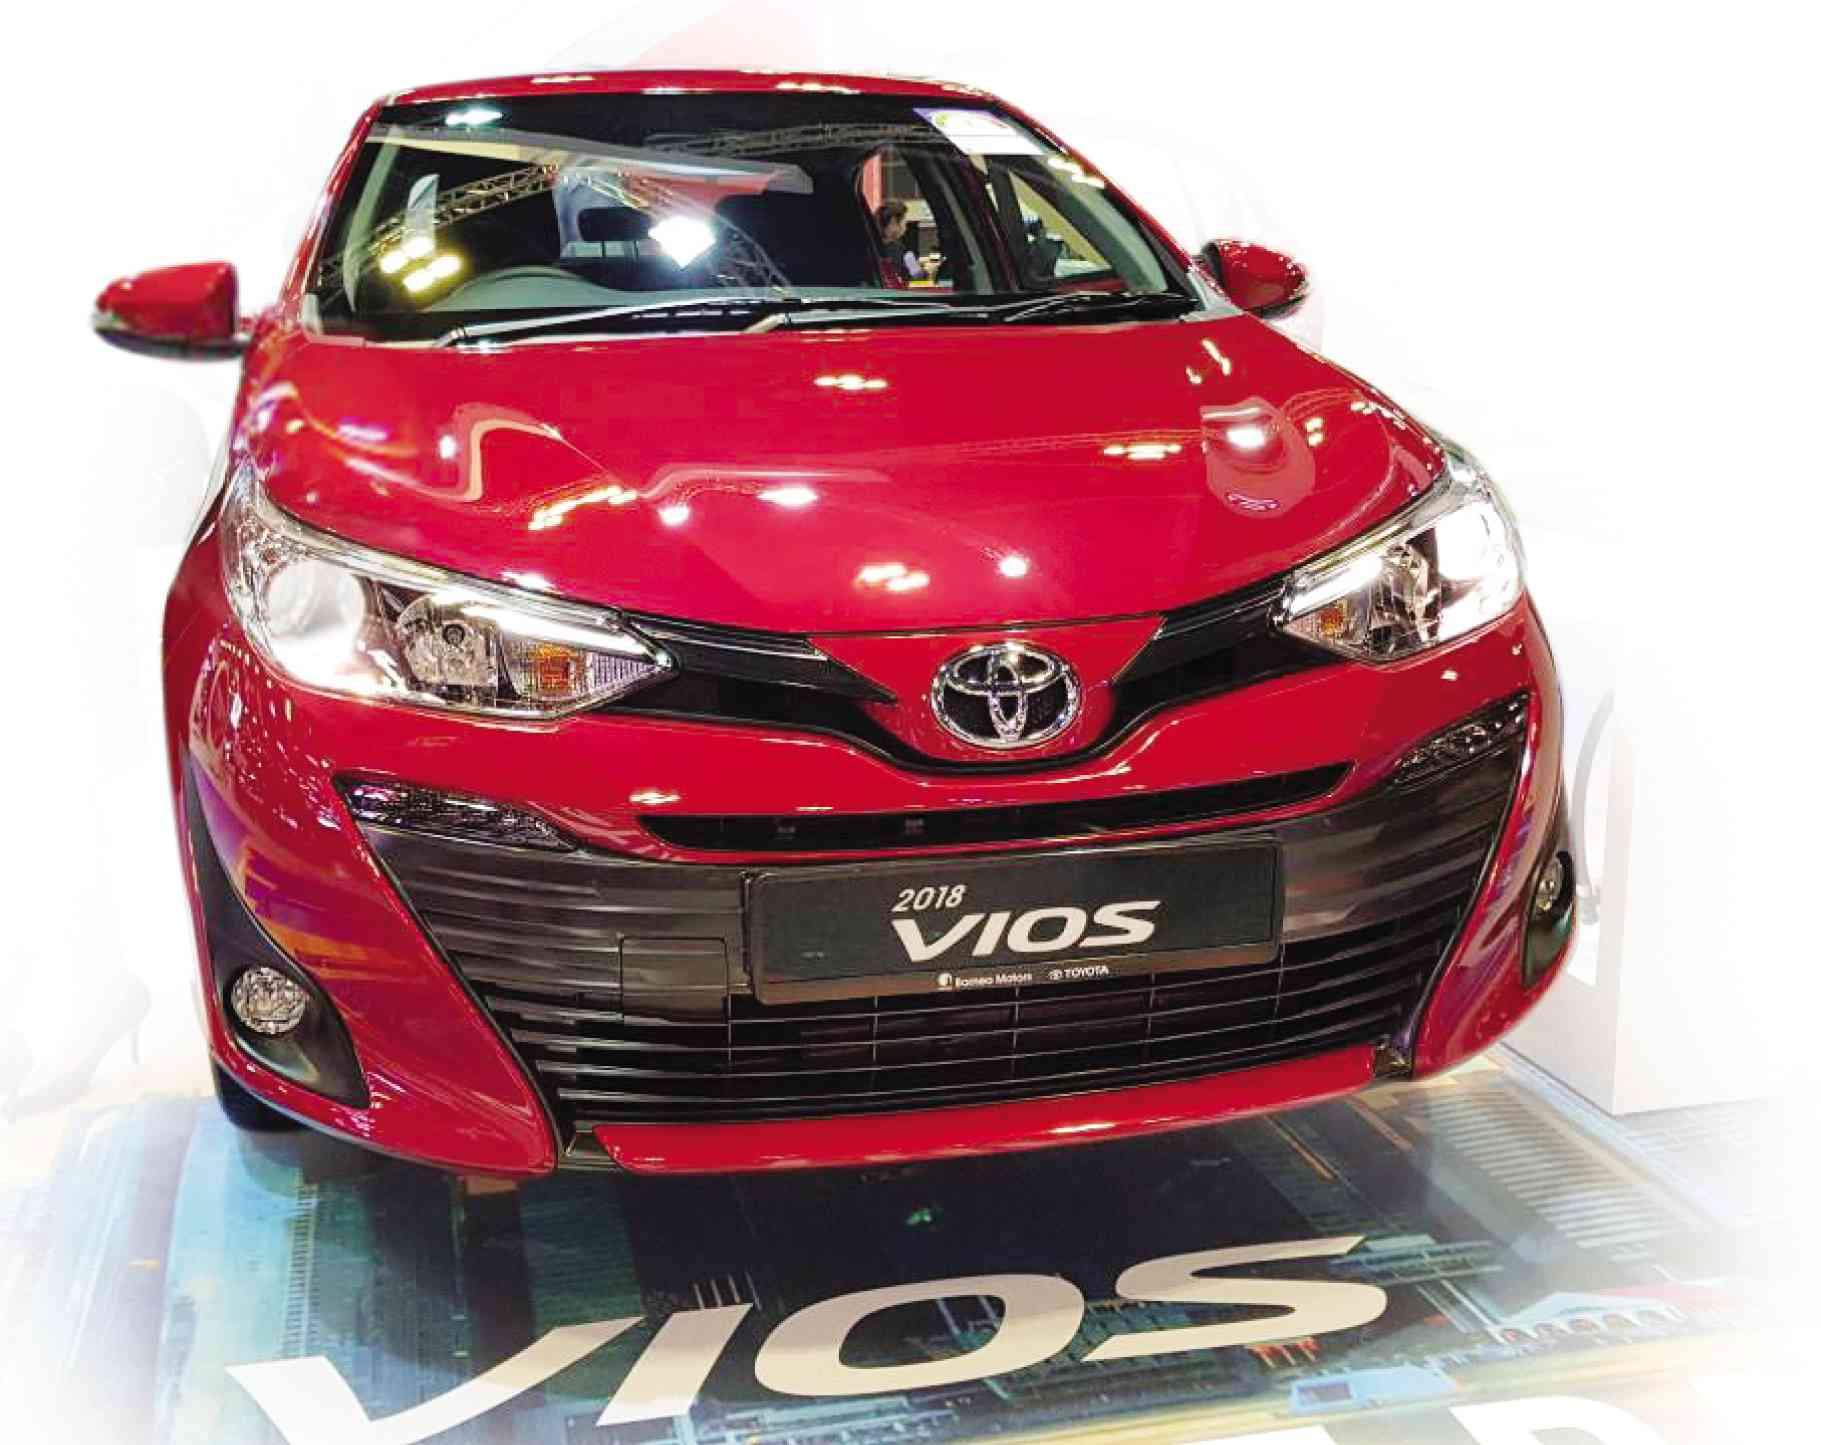 Bất ngờ mẫu ô tô bán chạy nhất tháng 4 tại Việt Nam - Ảnh 4